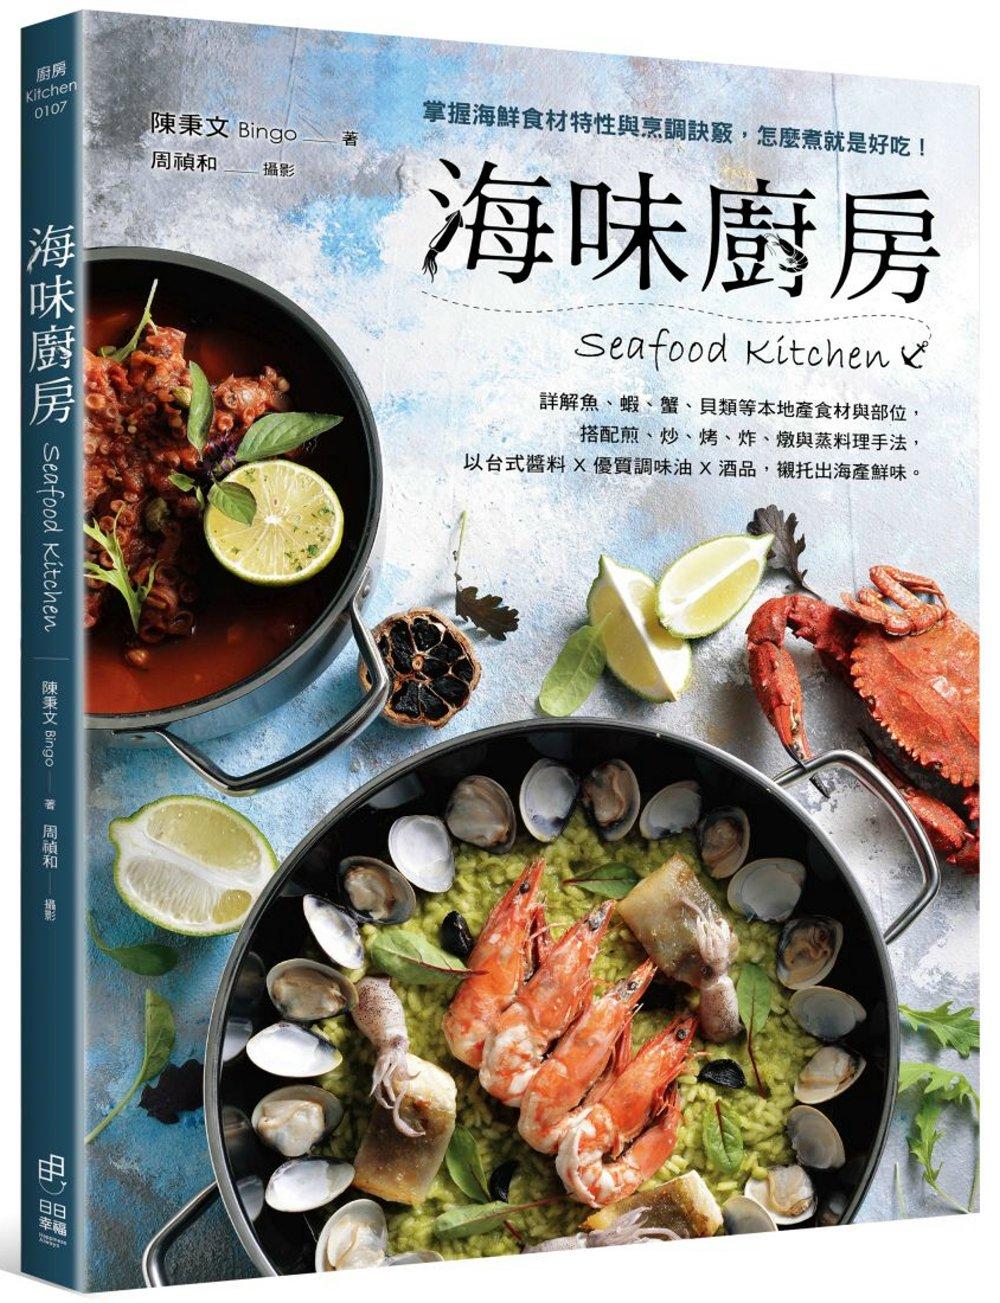 海味廚房:掌握海鮮食材特性與烹...